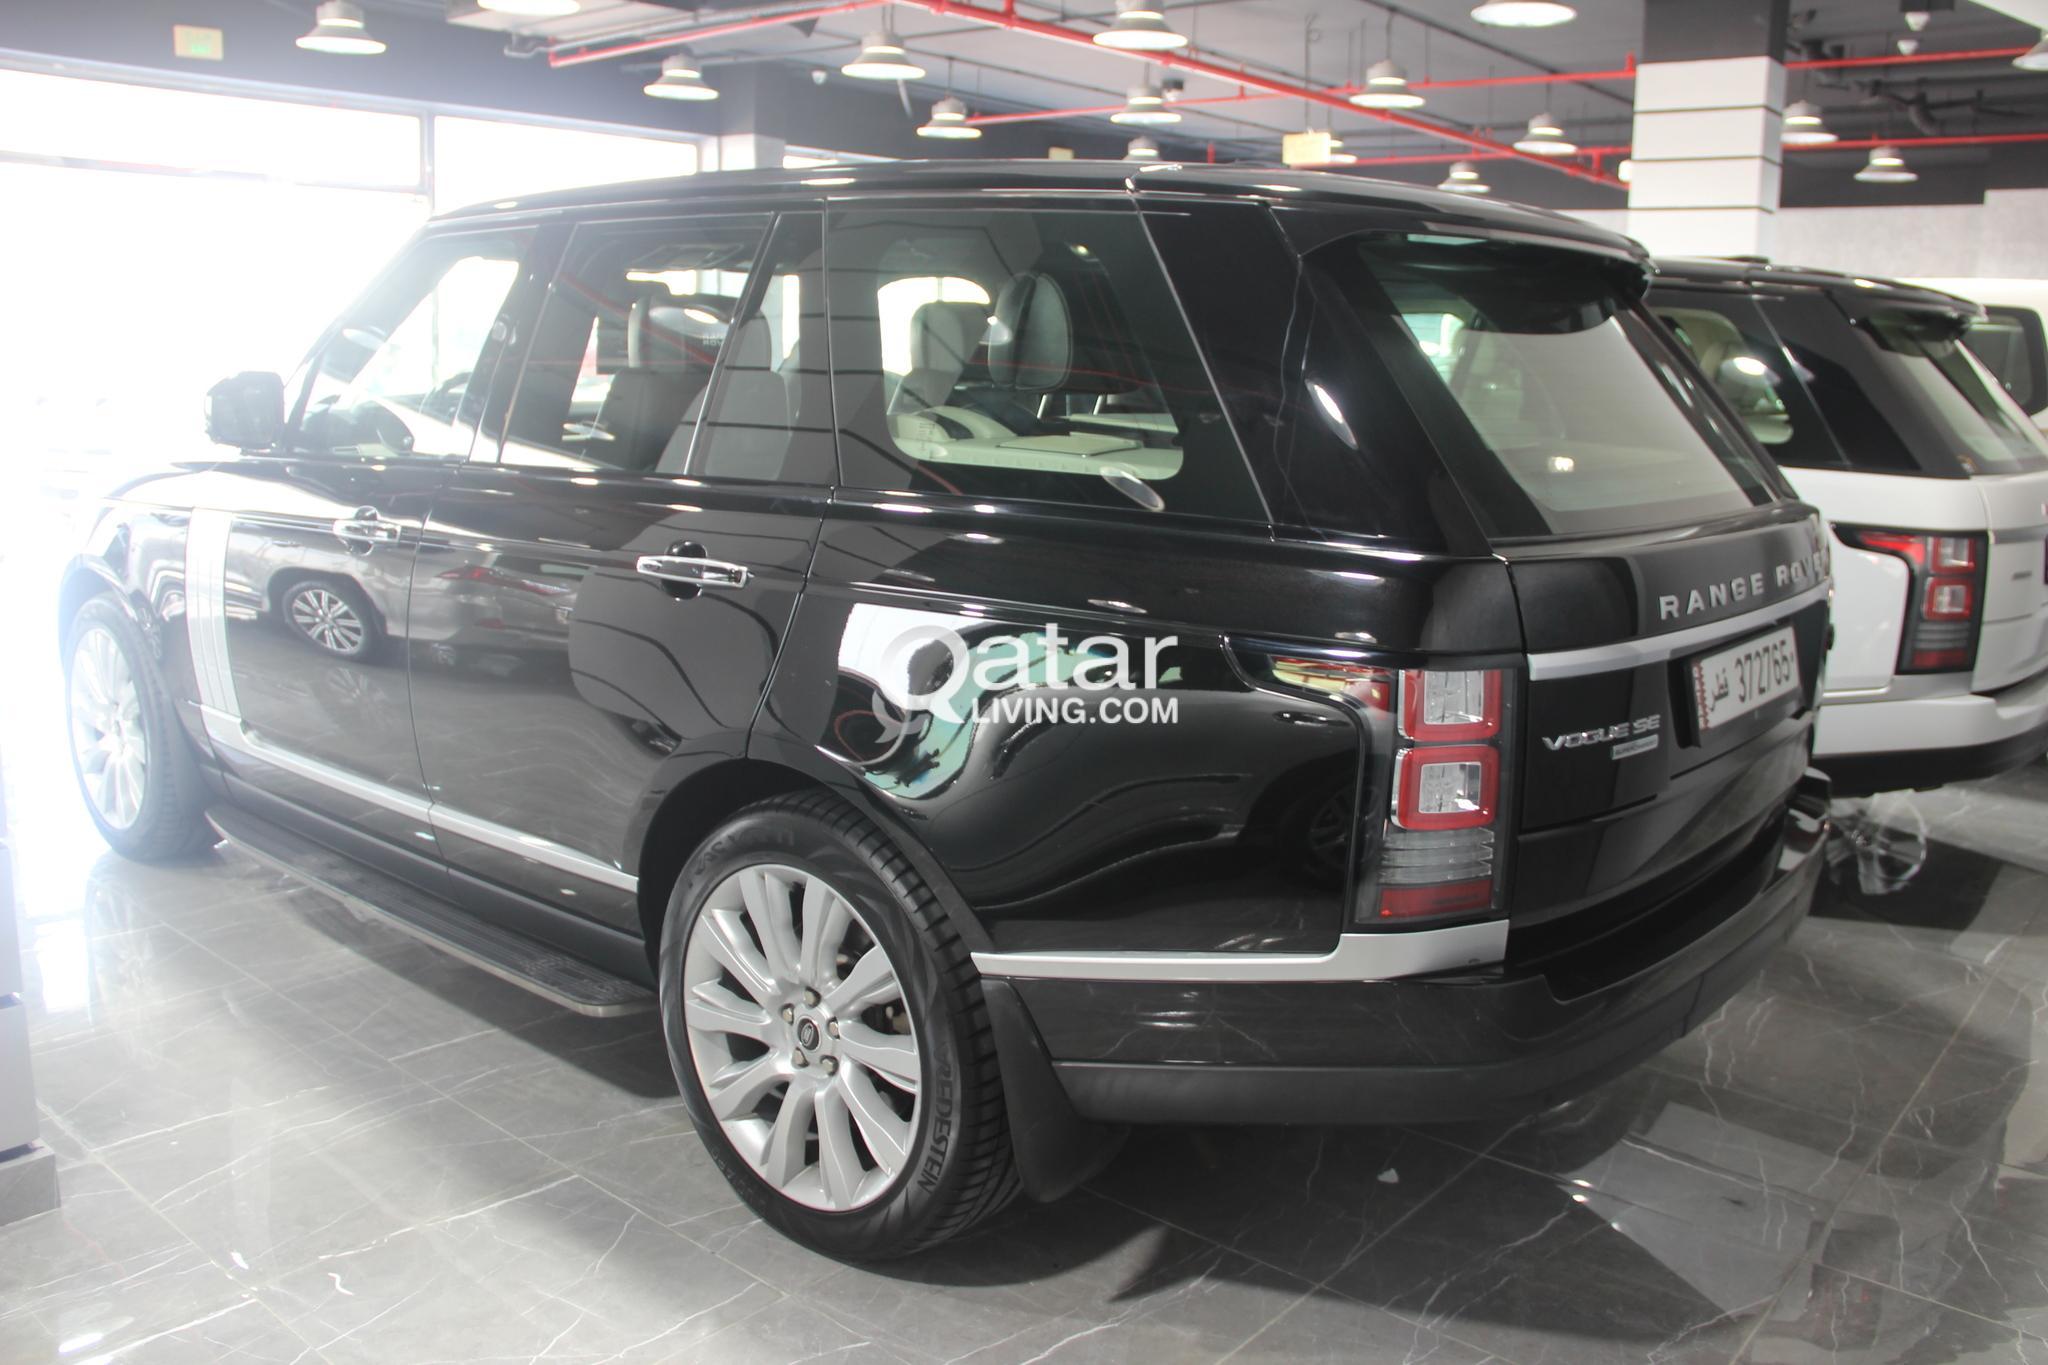 Range Rover Vogue SE Supercharged 2013 V8